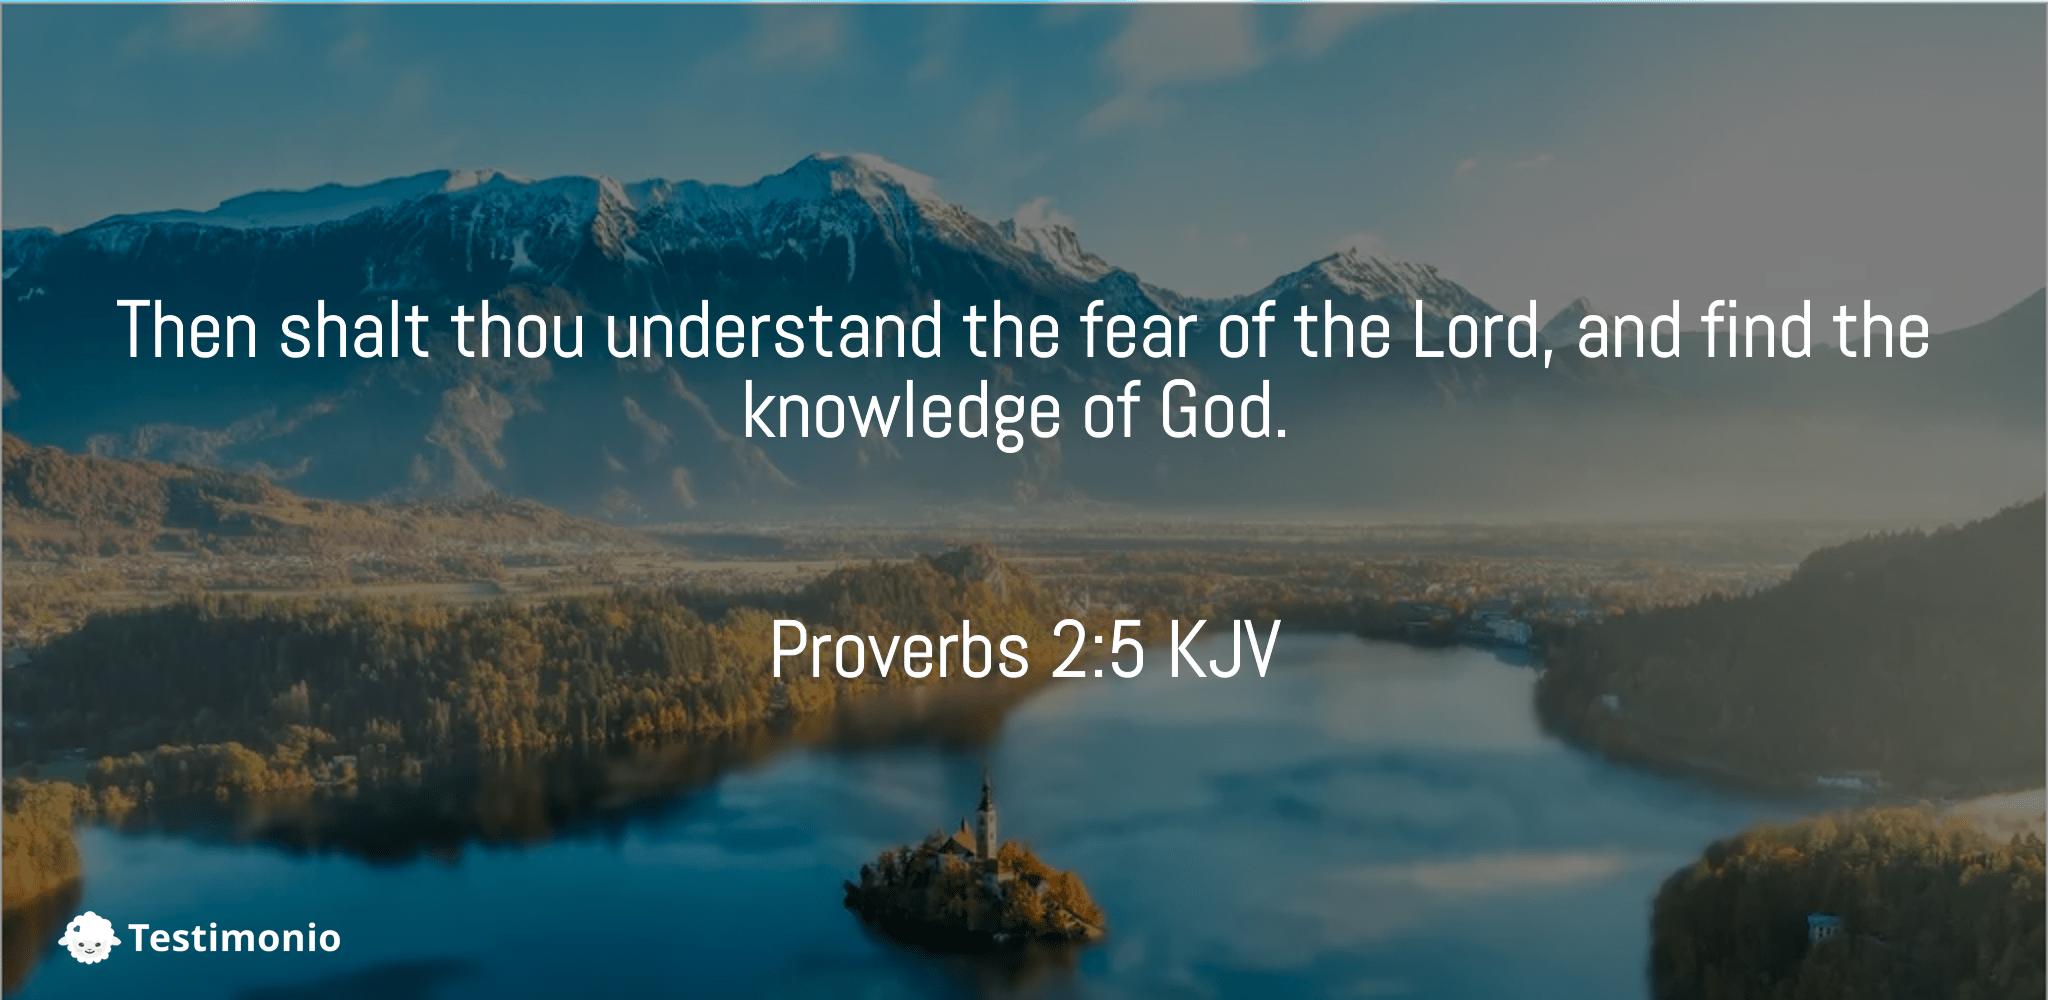 Proverbs 2:5